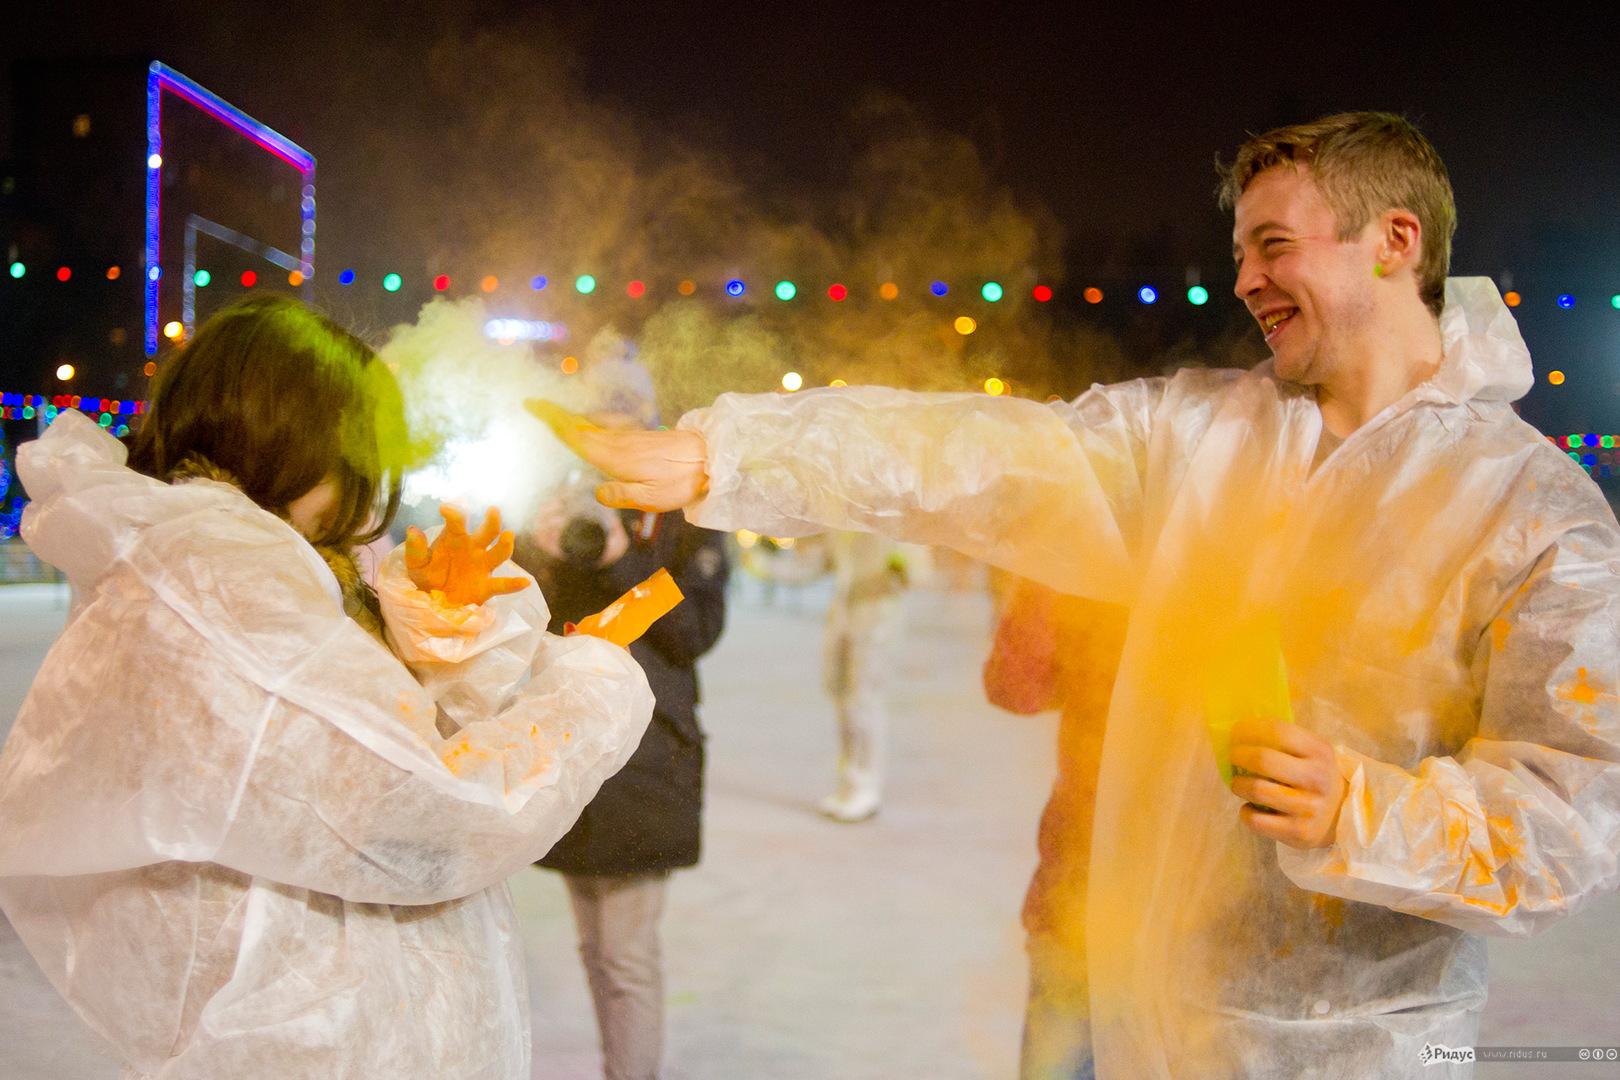 Фестиваль Красок ColorFest - Холи яркий лед, Москва, каток СТС, 14 февраля 2014 года